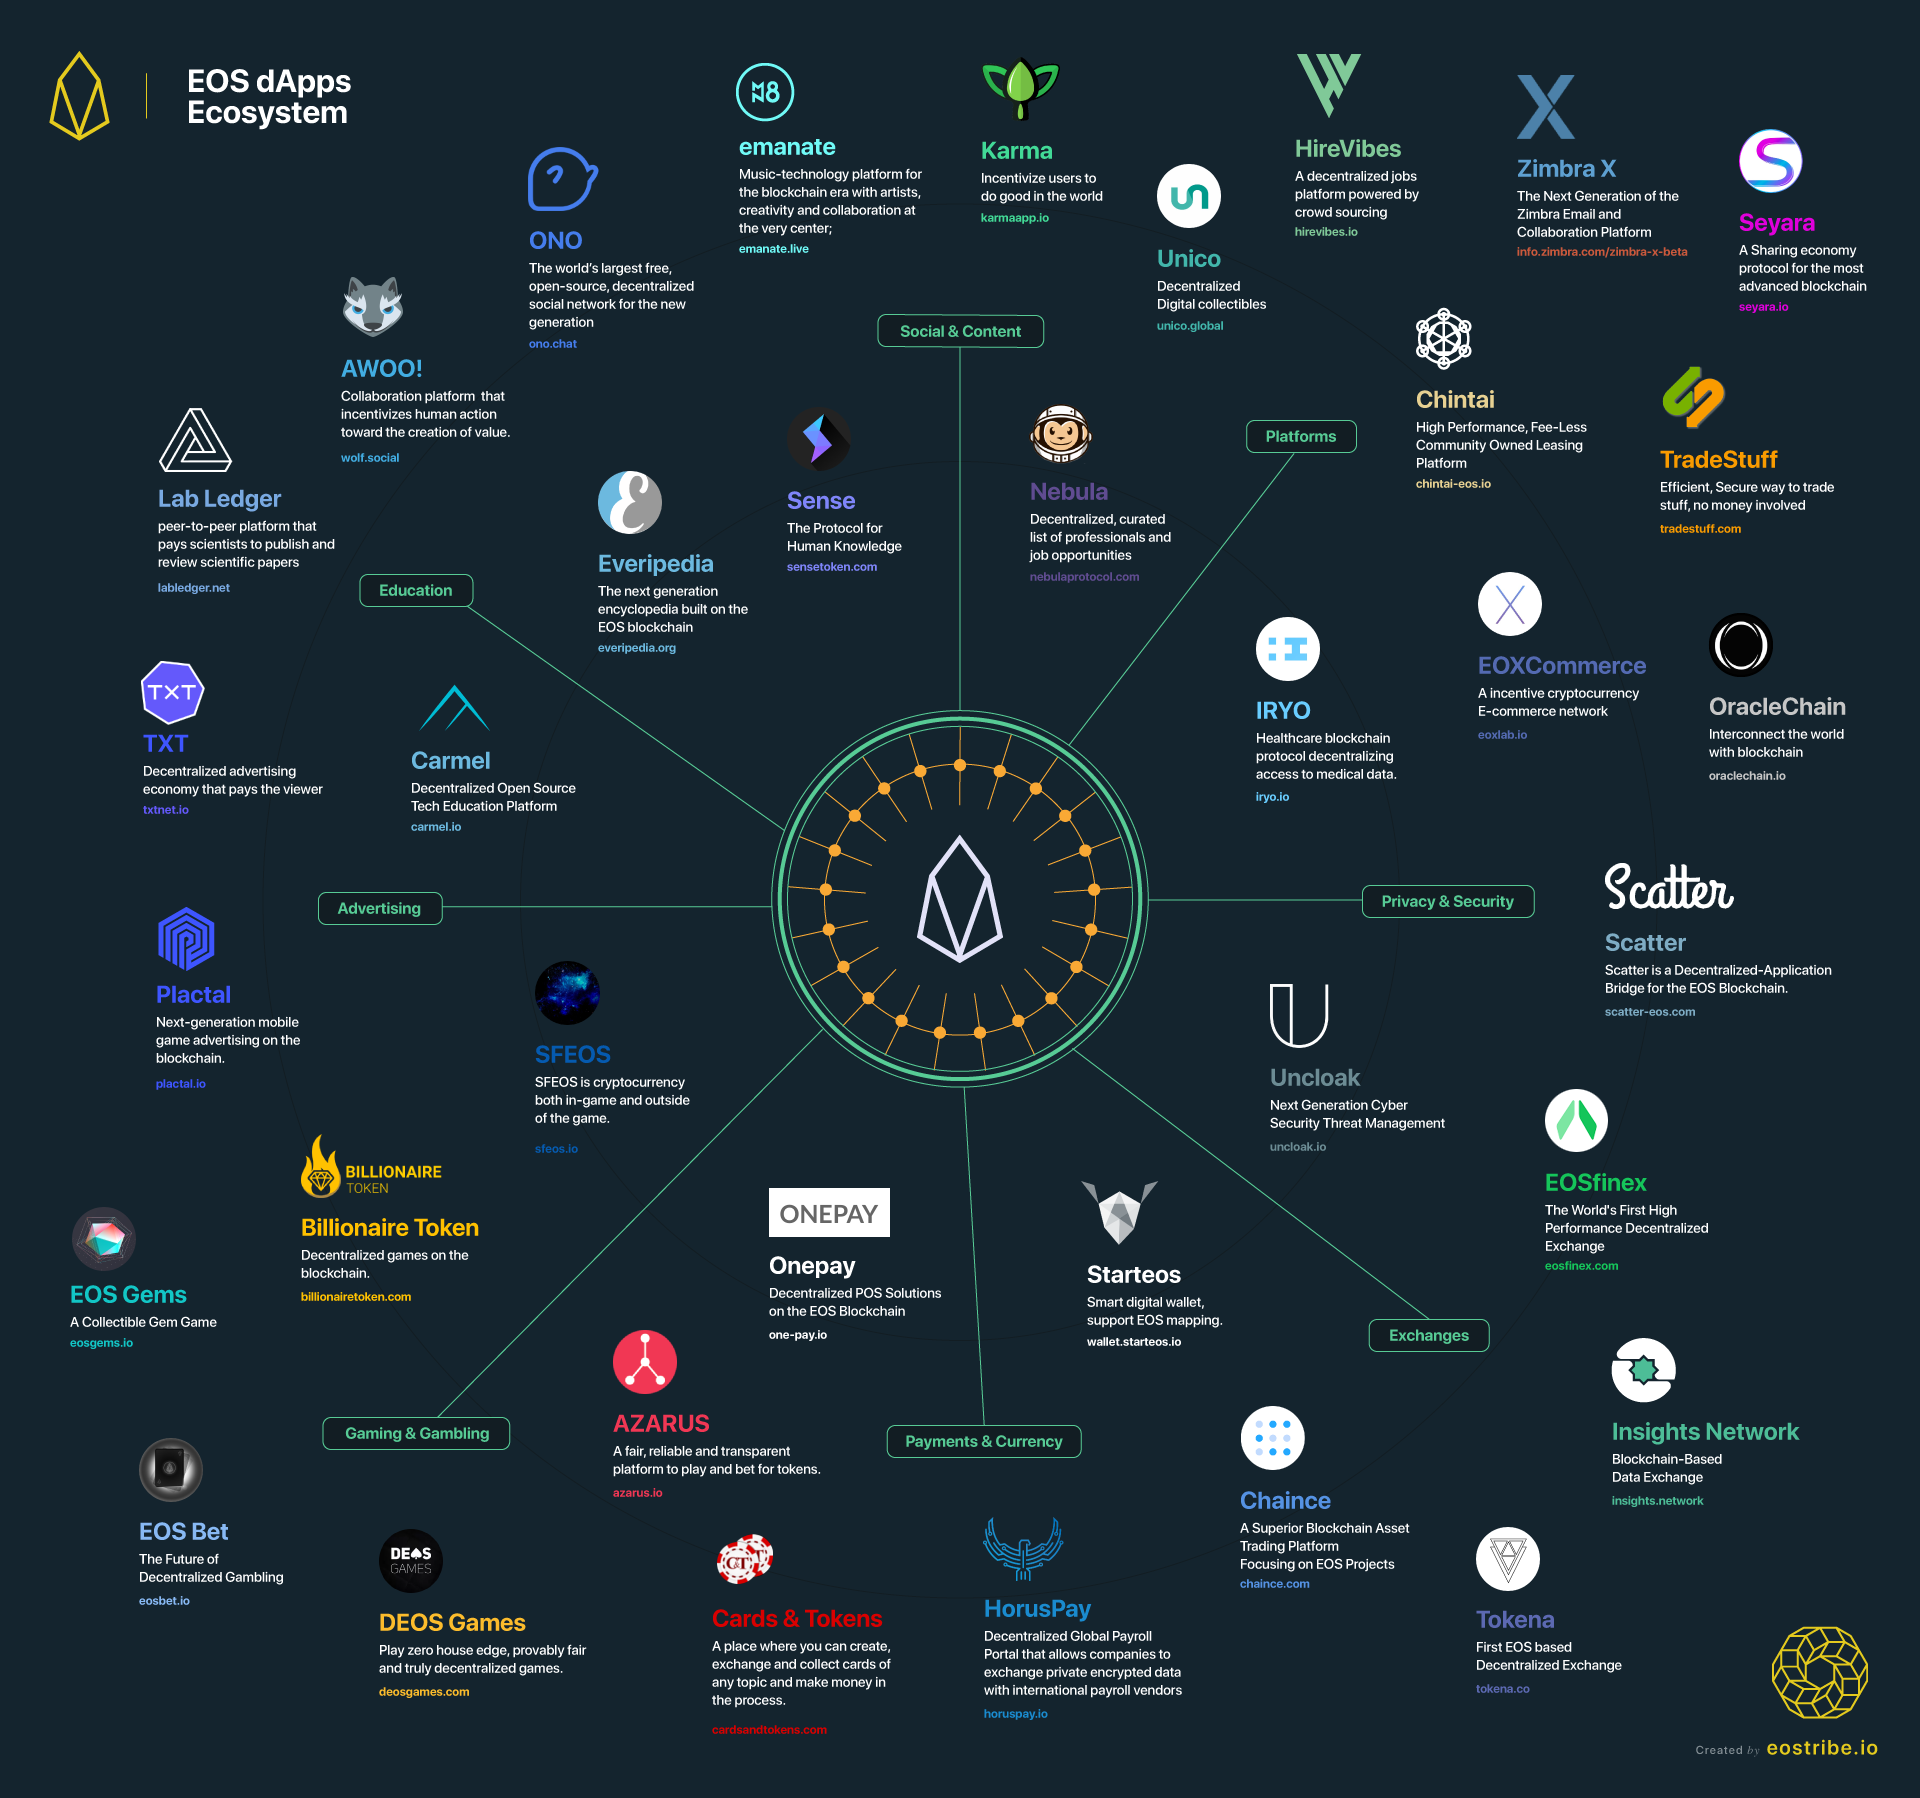 L'écosystème autour de EOS